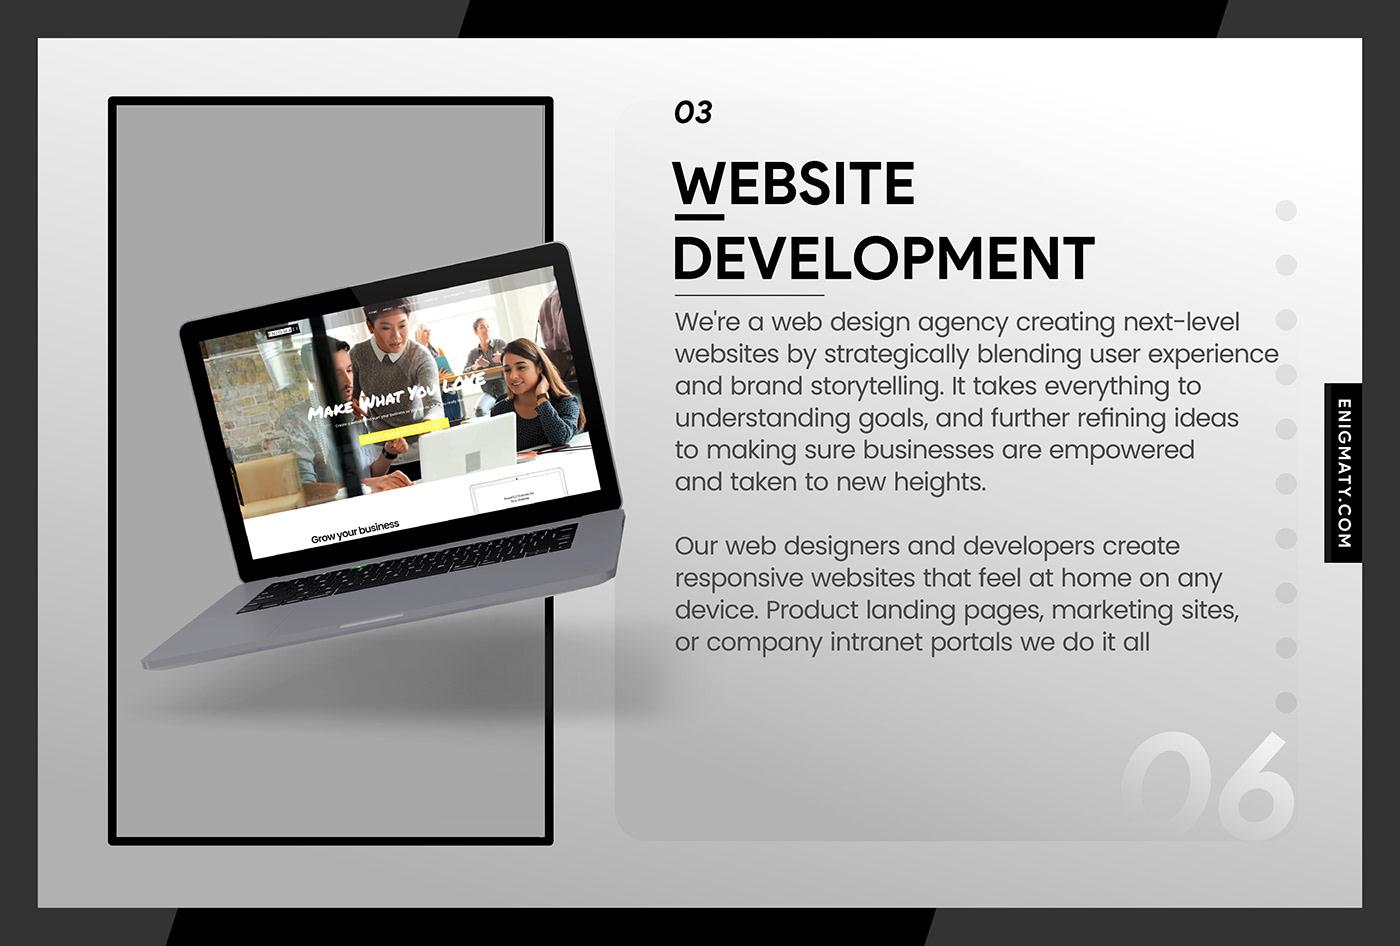 Image may contain: computer, television and screenshot